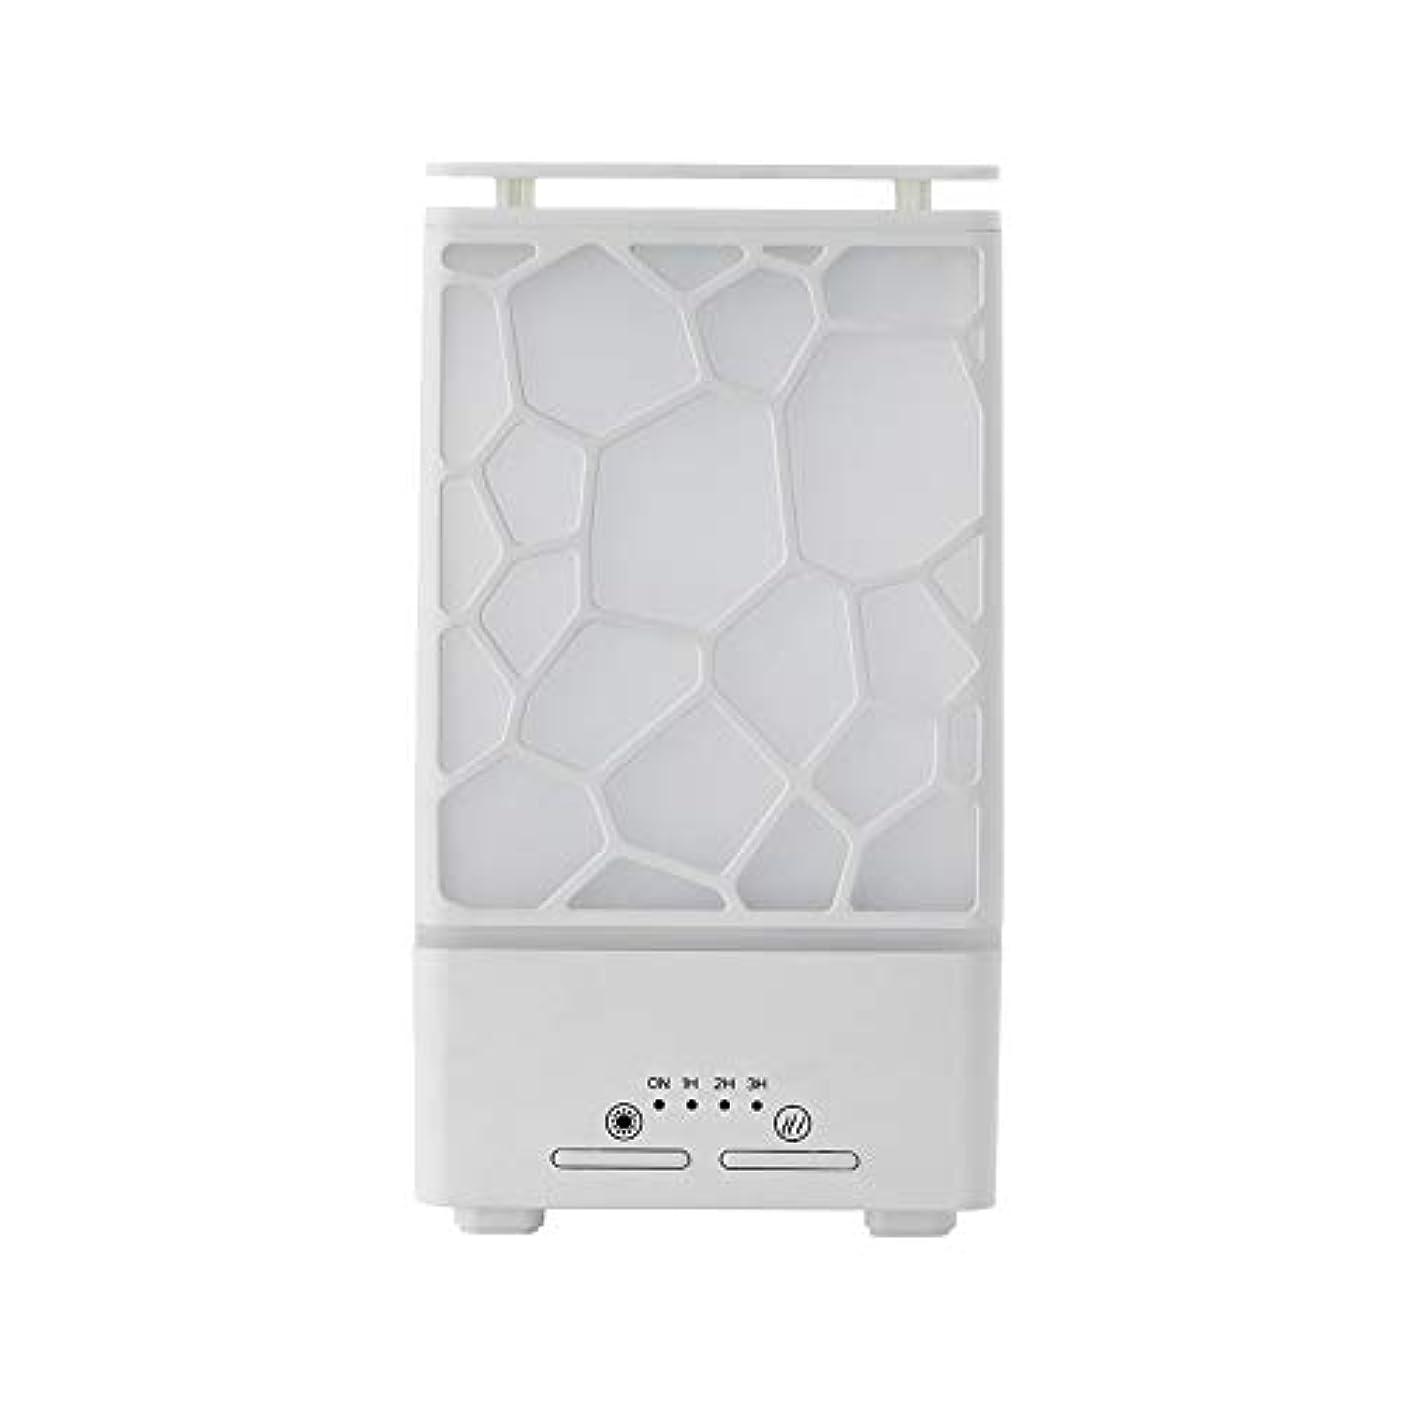 ダイエットフレキシブル見かけ上yanQxIzbiu Essential Oil Diffuser Geometric Plaid Aroma Essential Oil Diffuser Home Office LED Lights Humidifier...